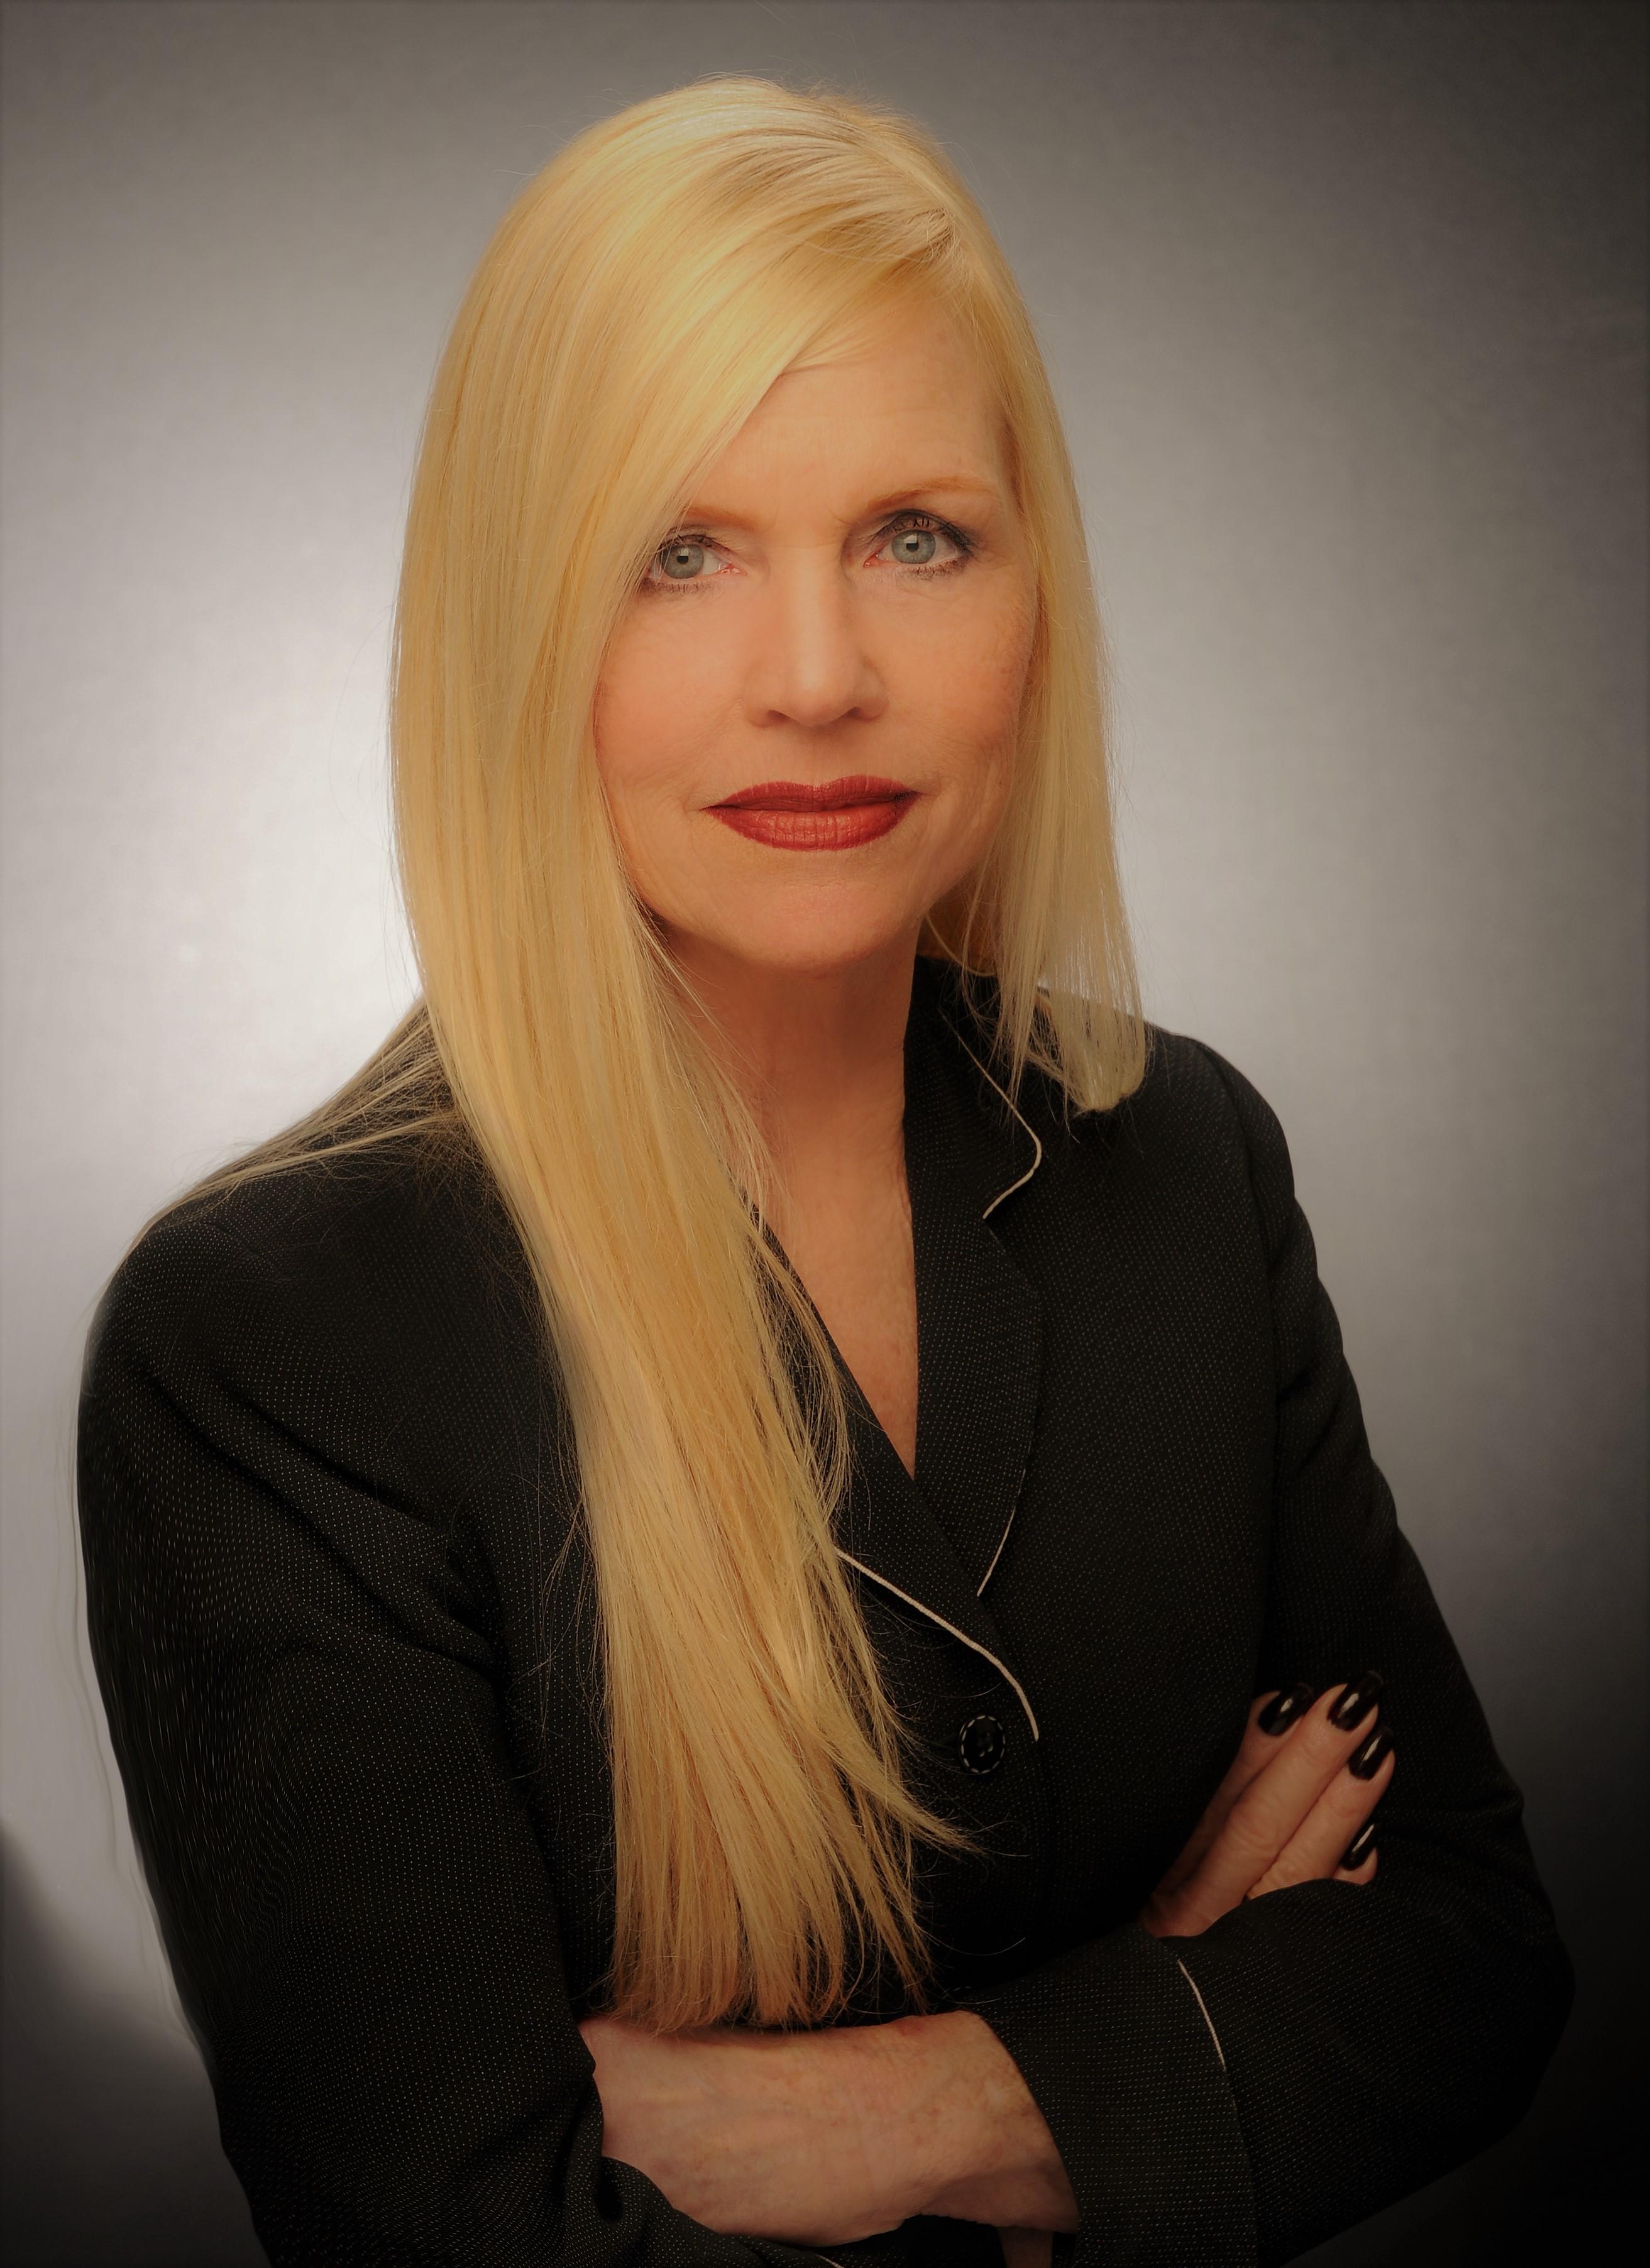 Lorrie M. Mitchell